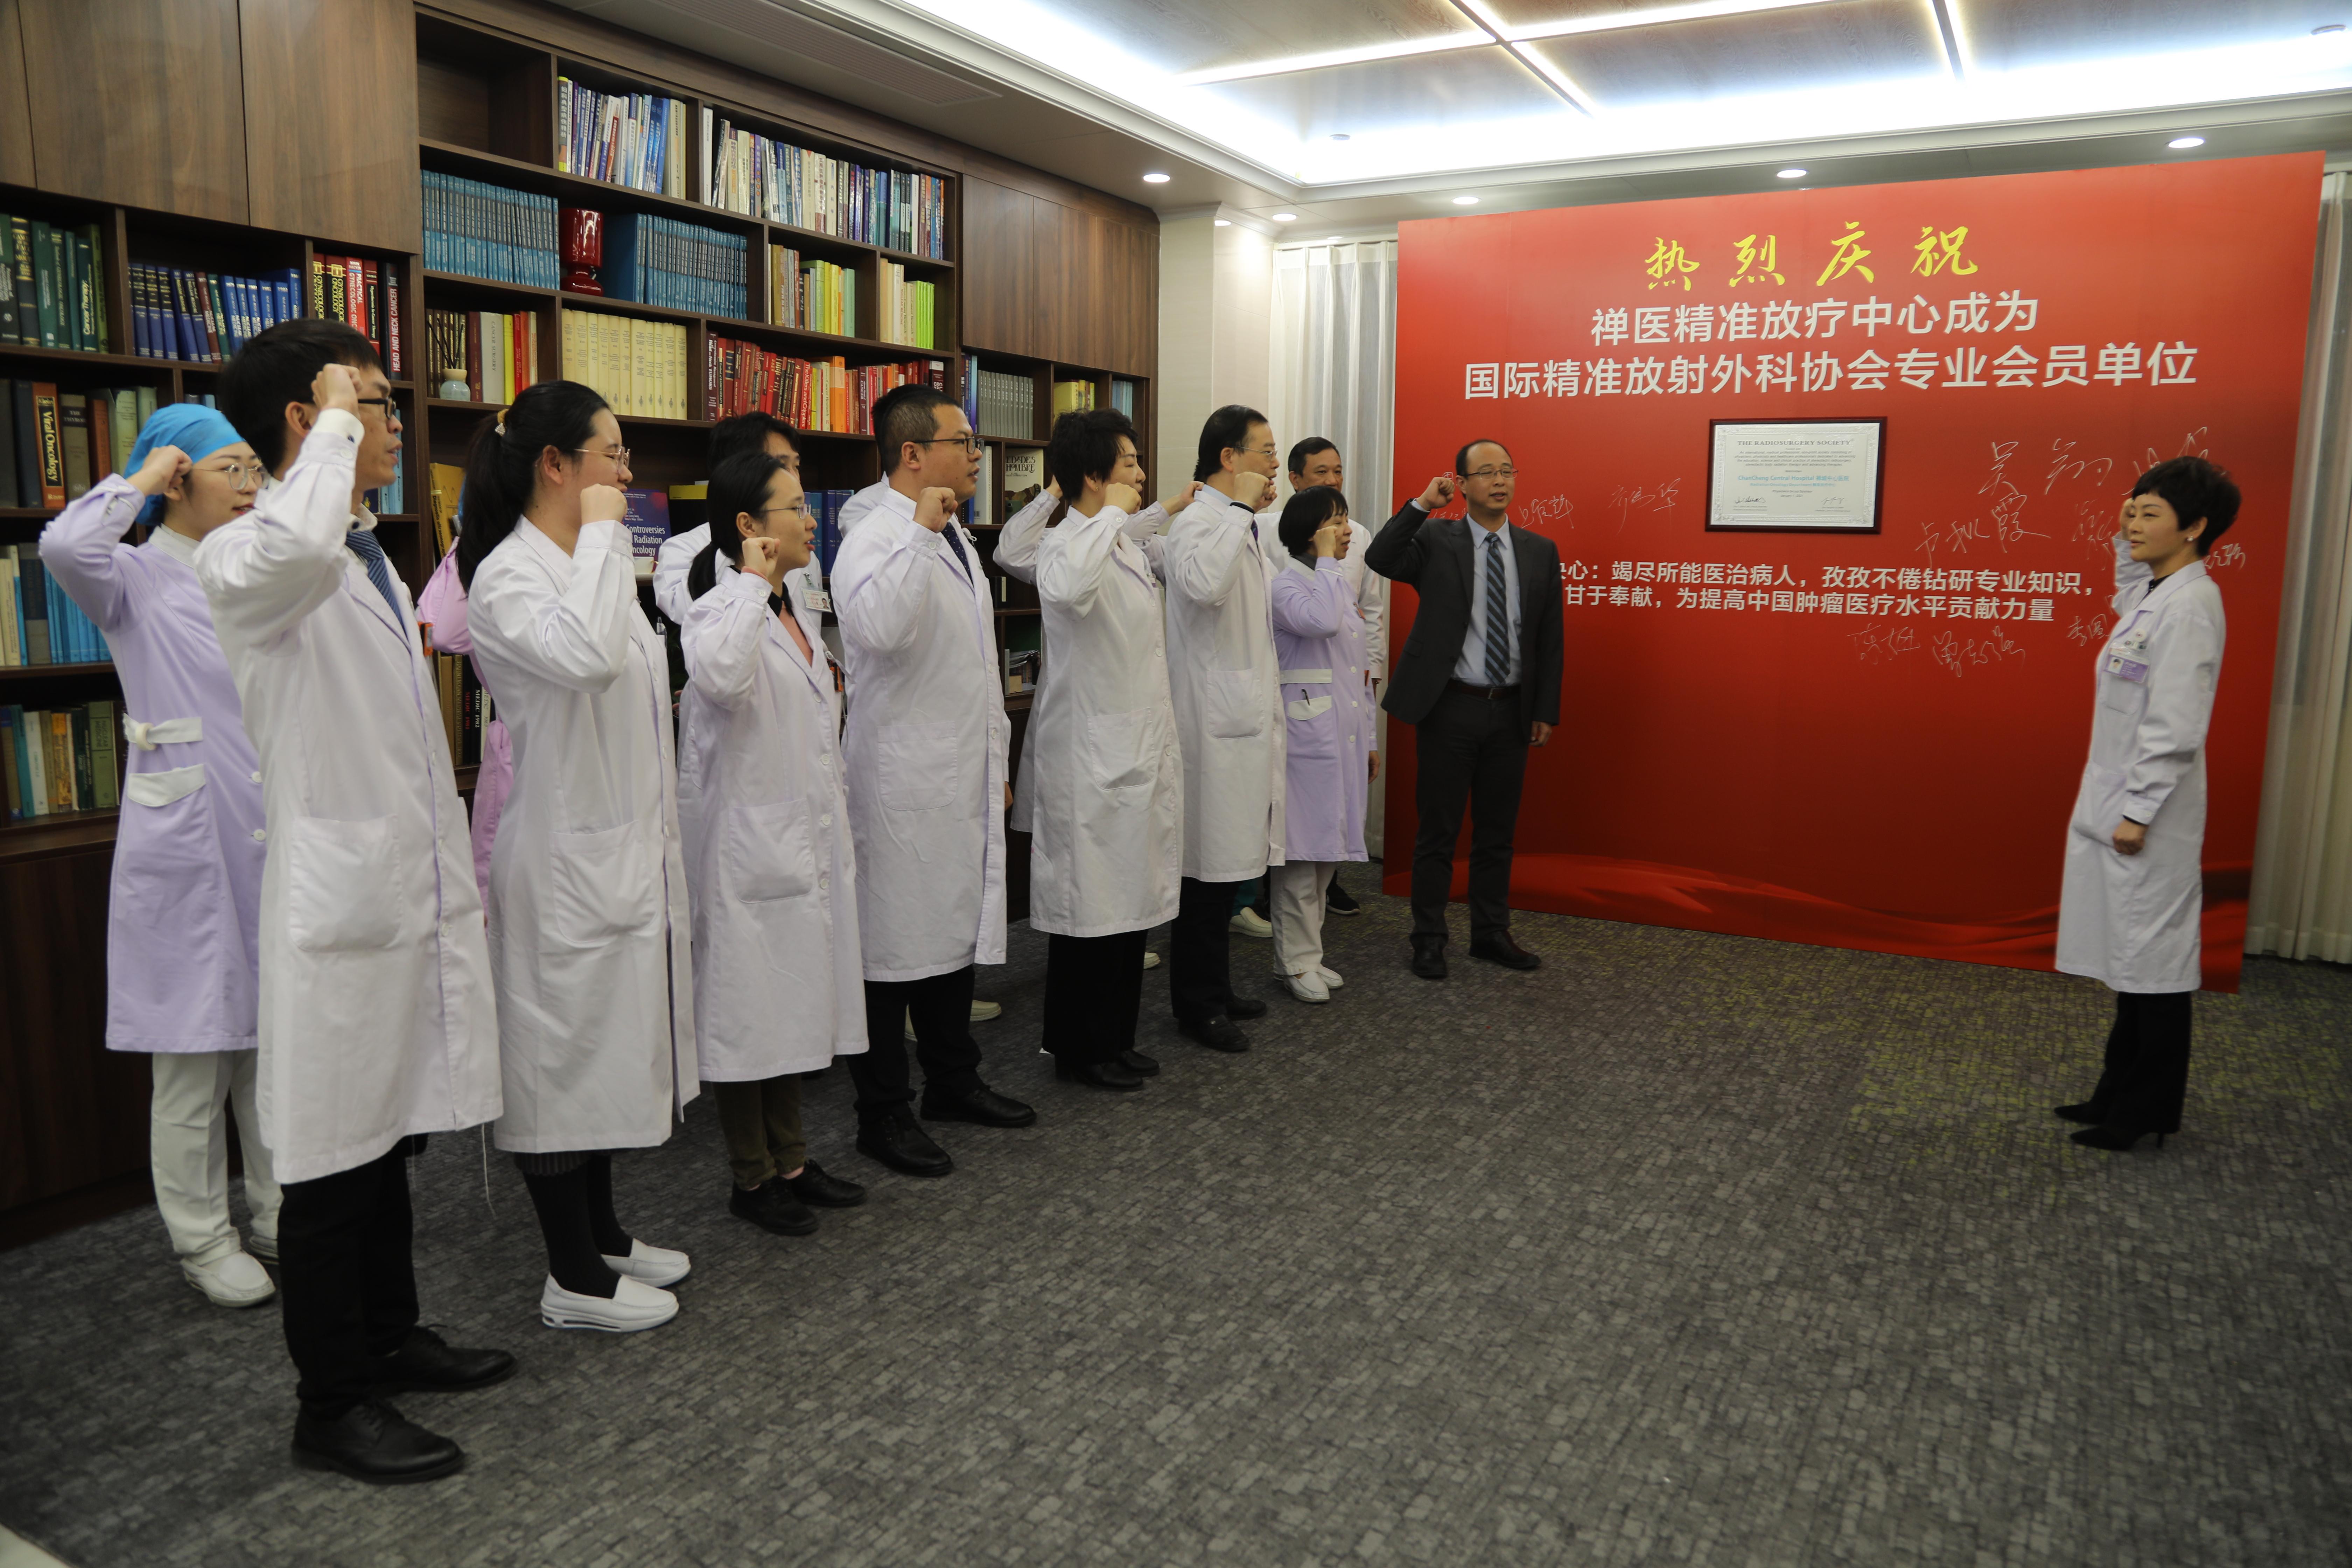 祝贺!禅医精准放疗中心成为国际放射外科协会(RSS)机构会员